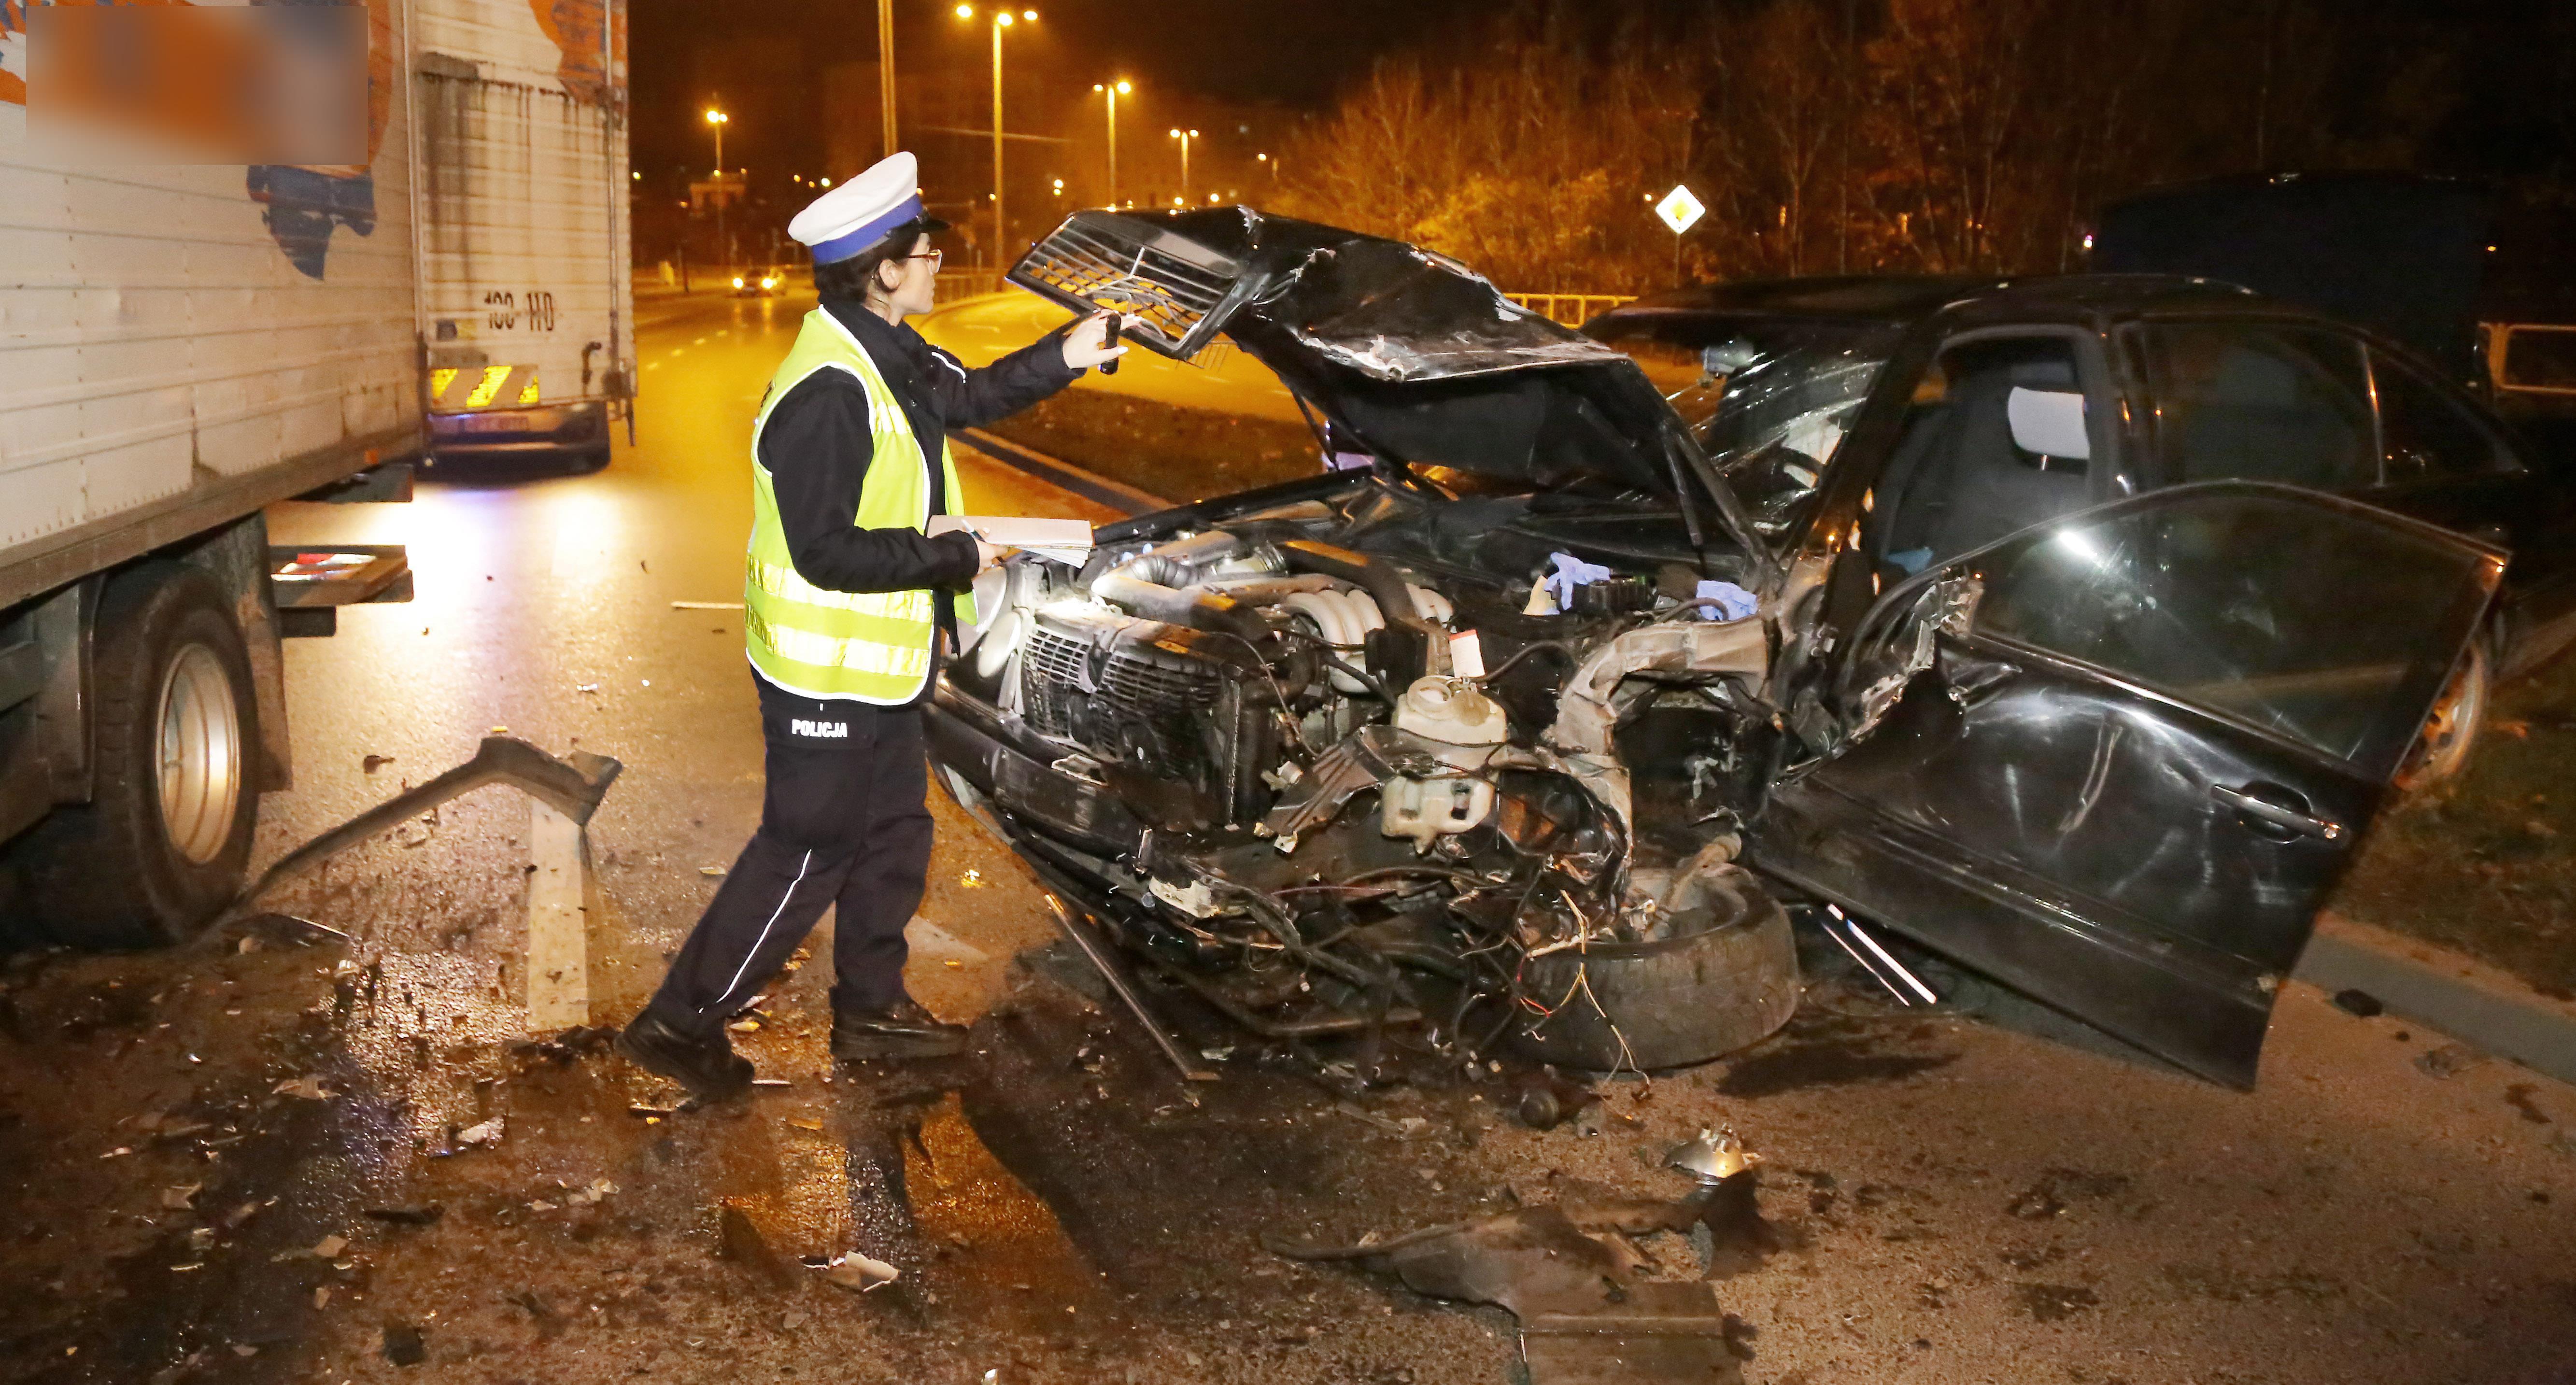 Wypadek Obrońców pijana  Olsztyn-pijana kobieta mając około 1 promila alkoholu jechała pod prąd osobowym  Mercedesem ulicą Obrońców Tobruku i zderzyła się czołowo z ciężarówką. Trafiła do szpitala.